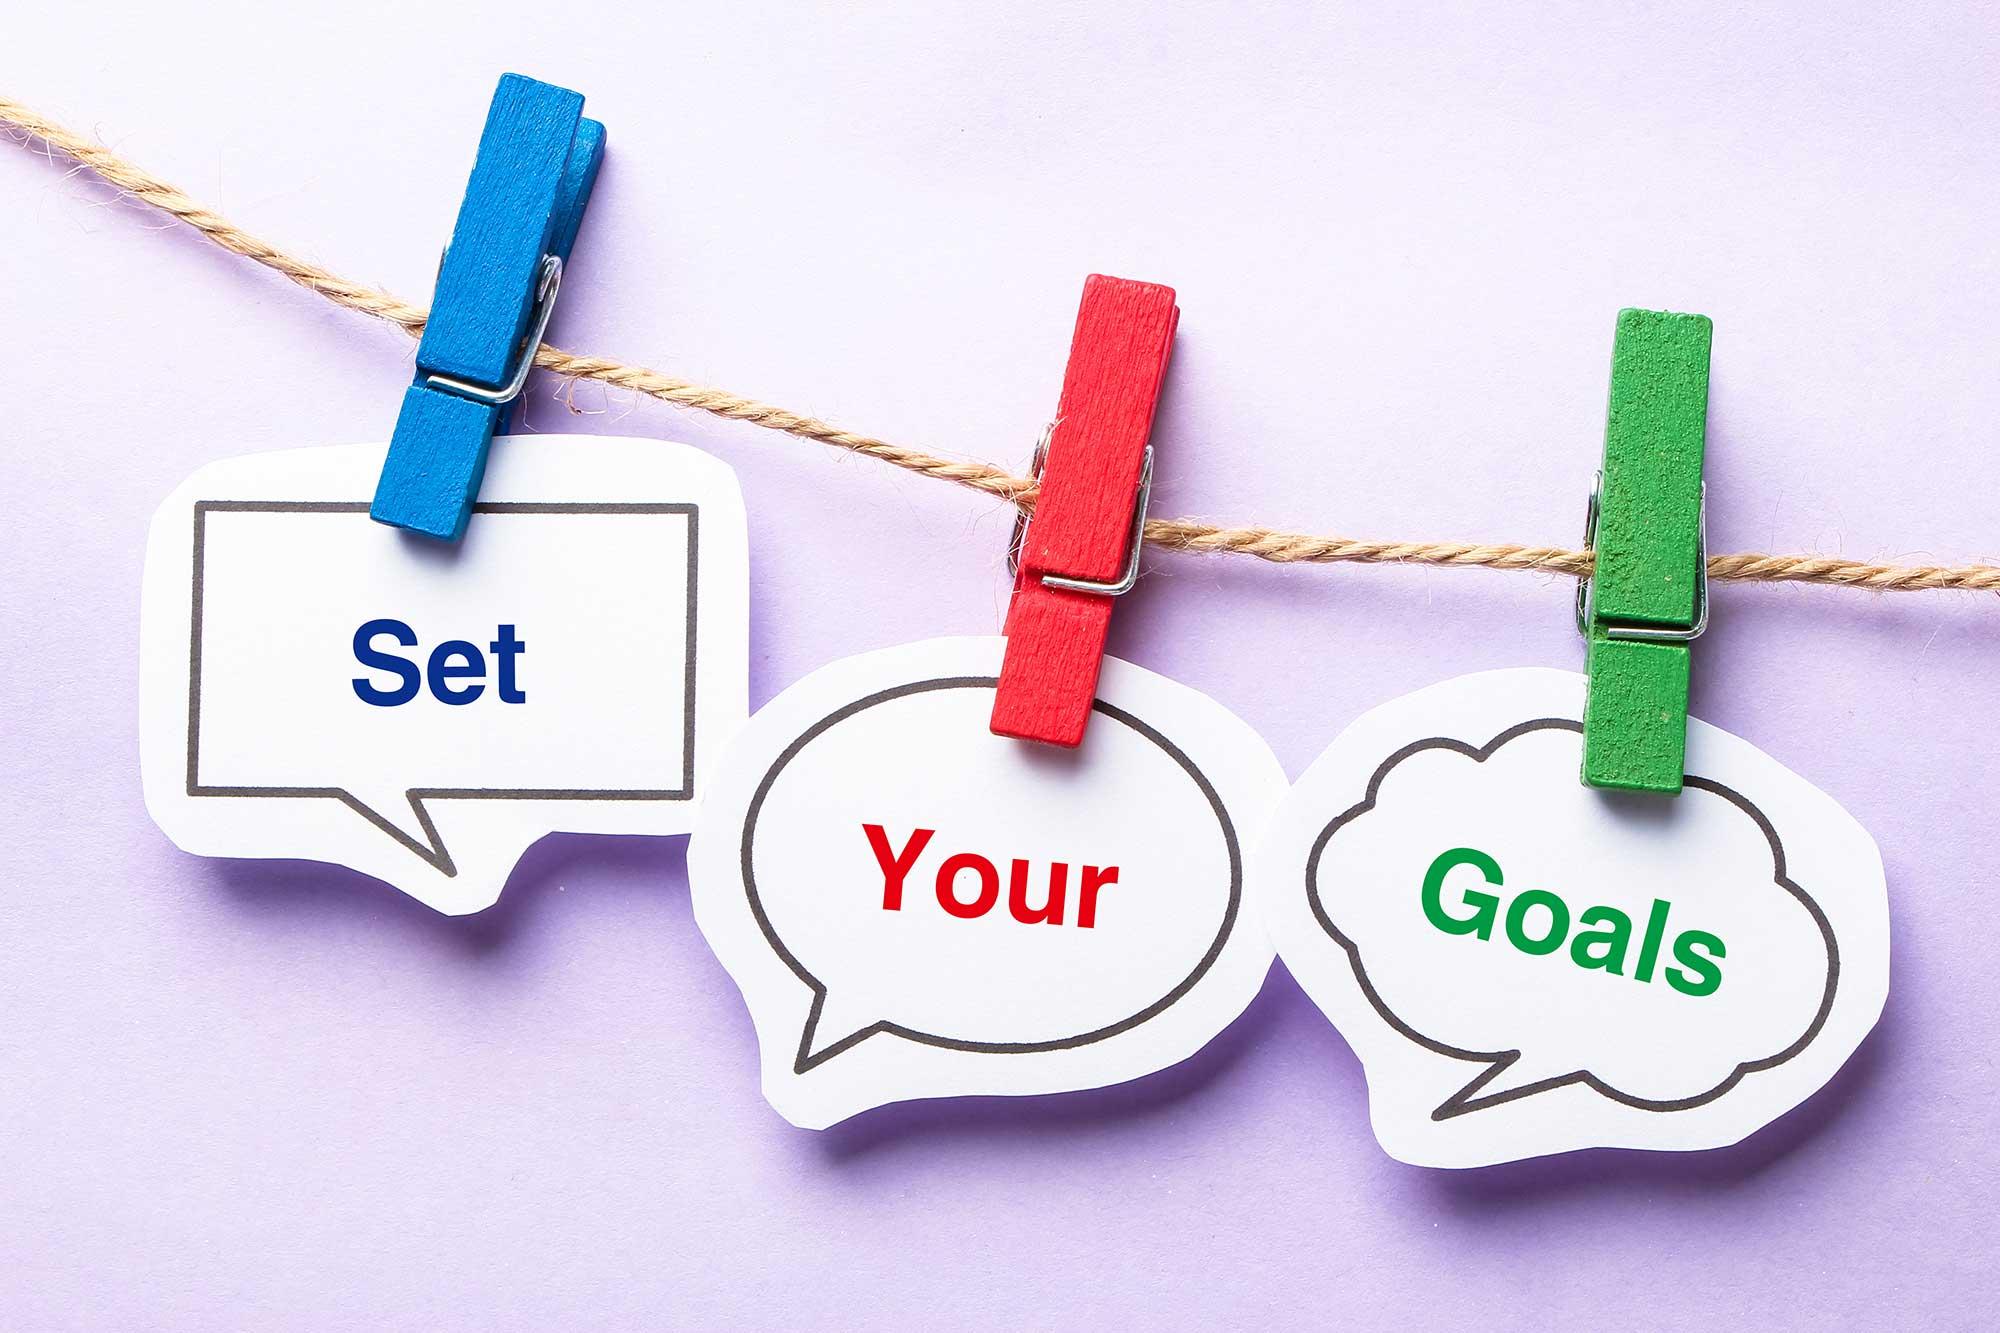 تعیین اهداف با زمان و اقدامات مشخص به ارزیابی طرح توسعه کسب و کار کمک میکند | پرگاس